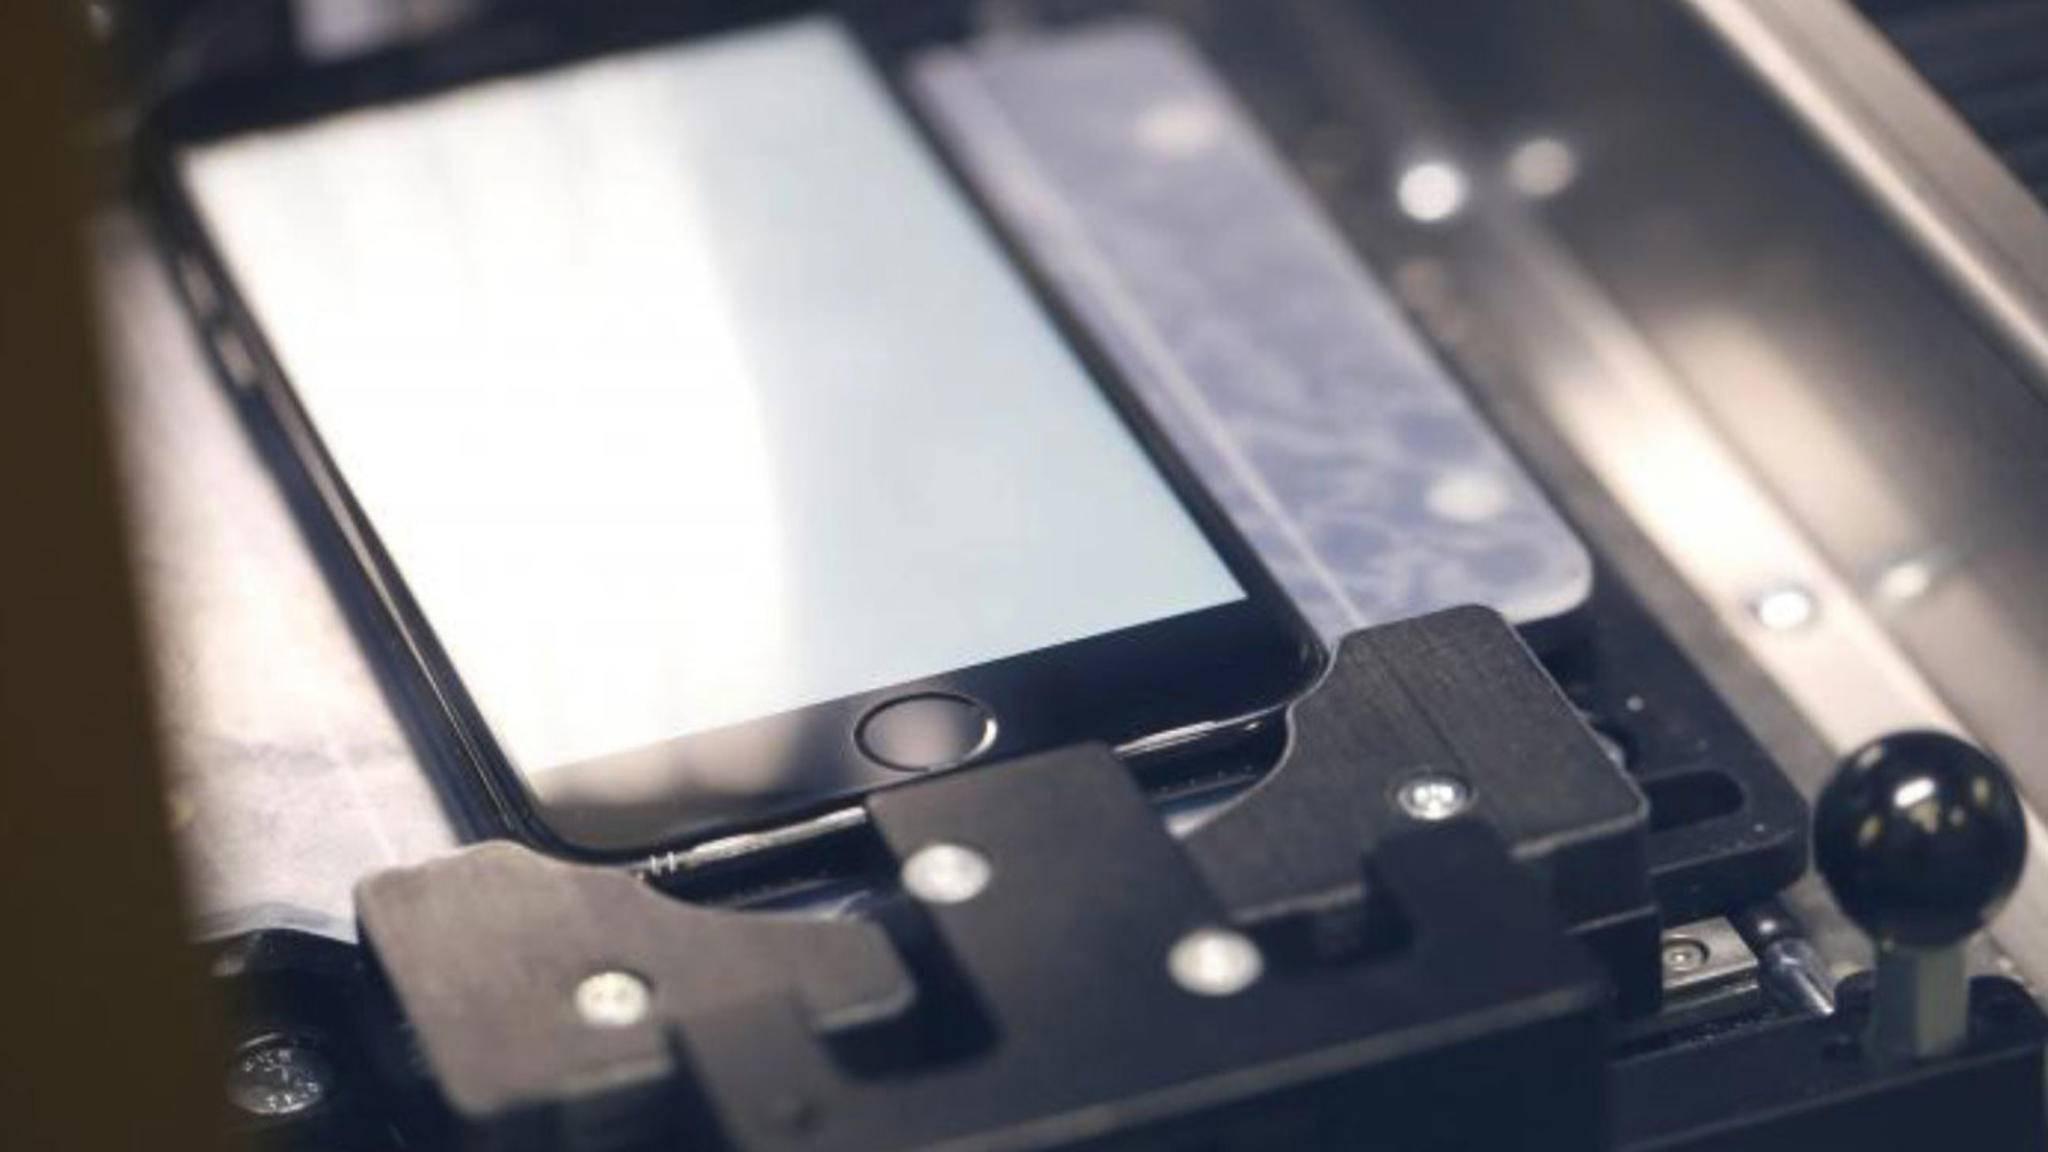 Apples Reparaturmaschine ersetzt nicht nur das Display eines iPhone, sondern kalibriert auch den Touch-ID-Sensor neu.